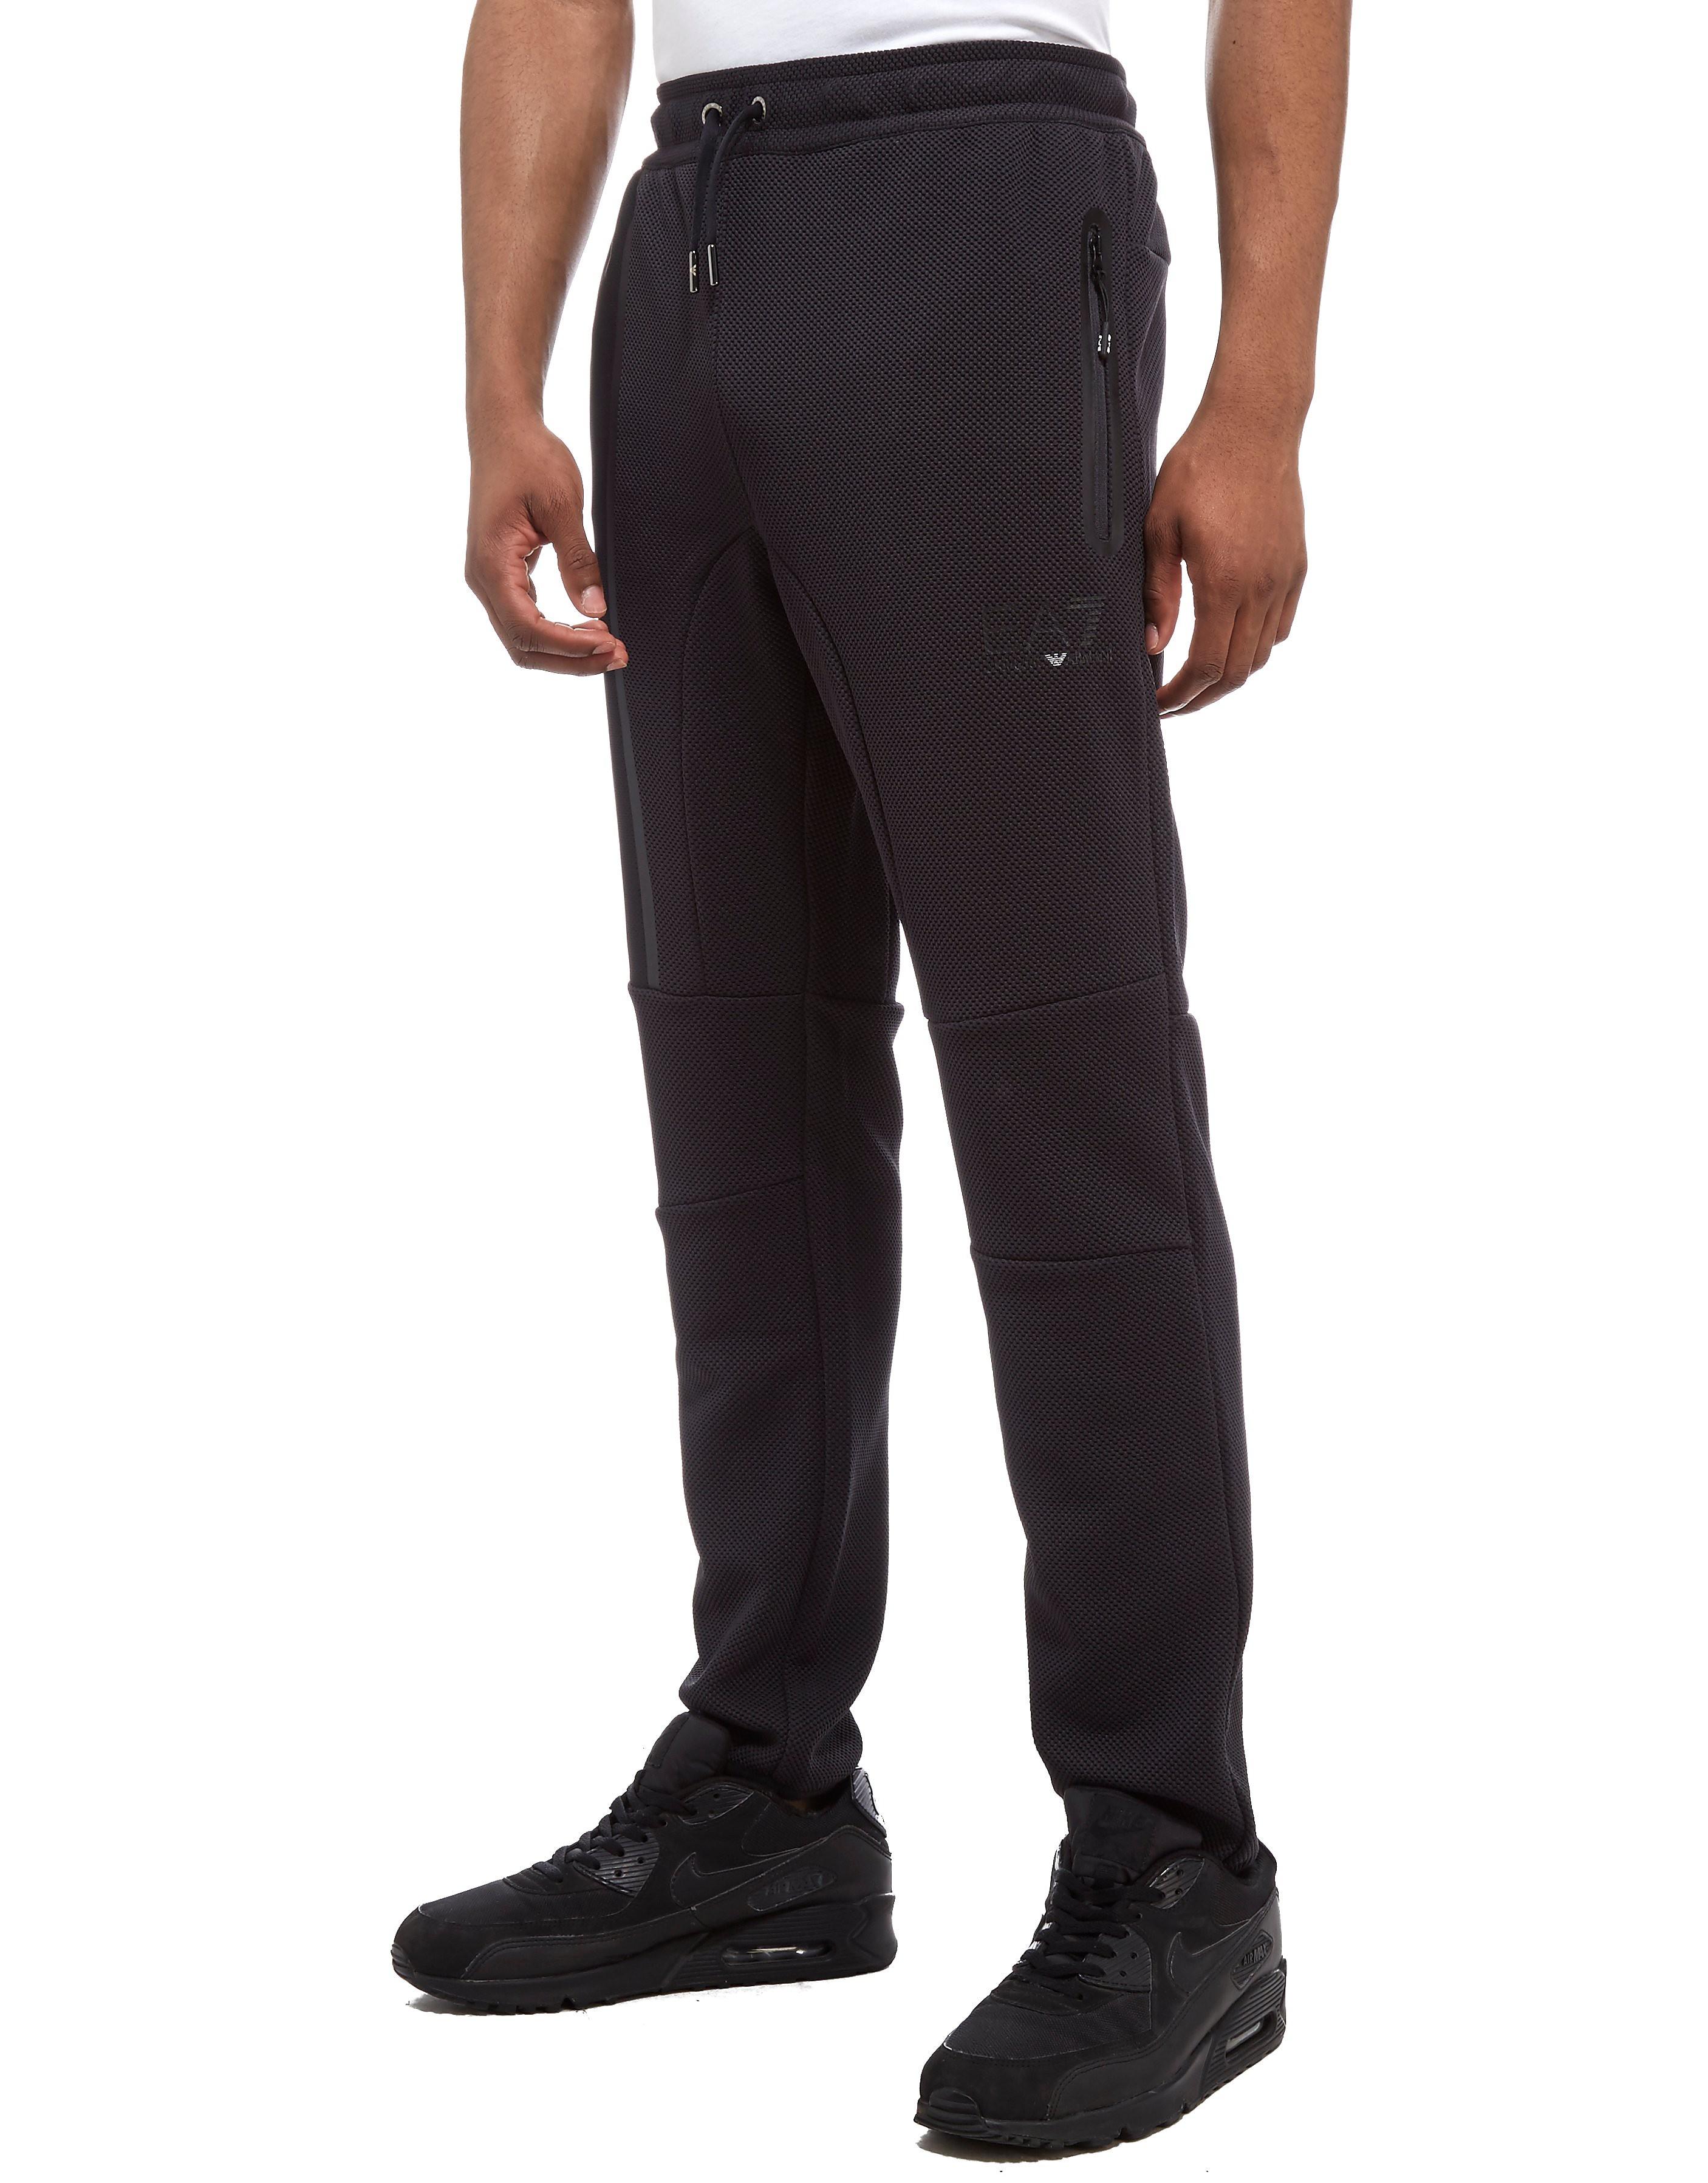 Emporio Armani EA7 Evolution Mesh Pants